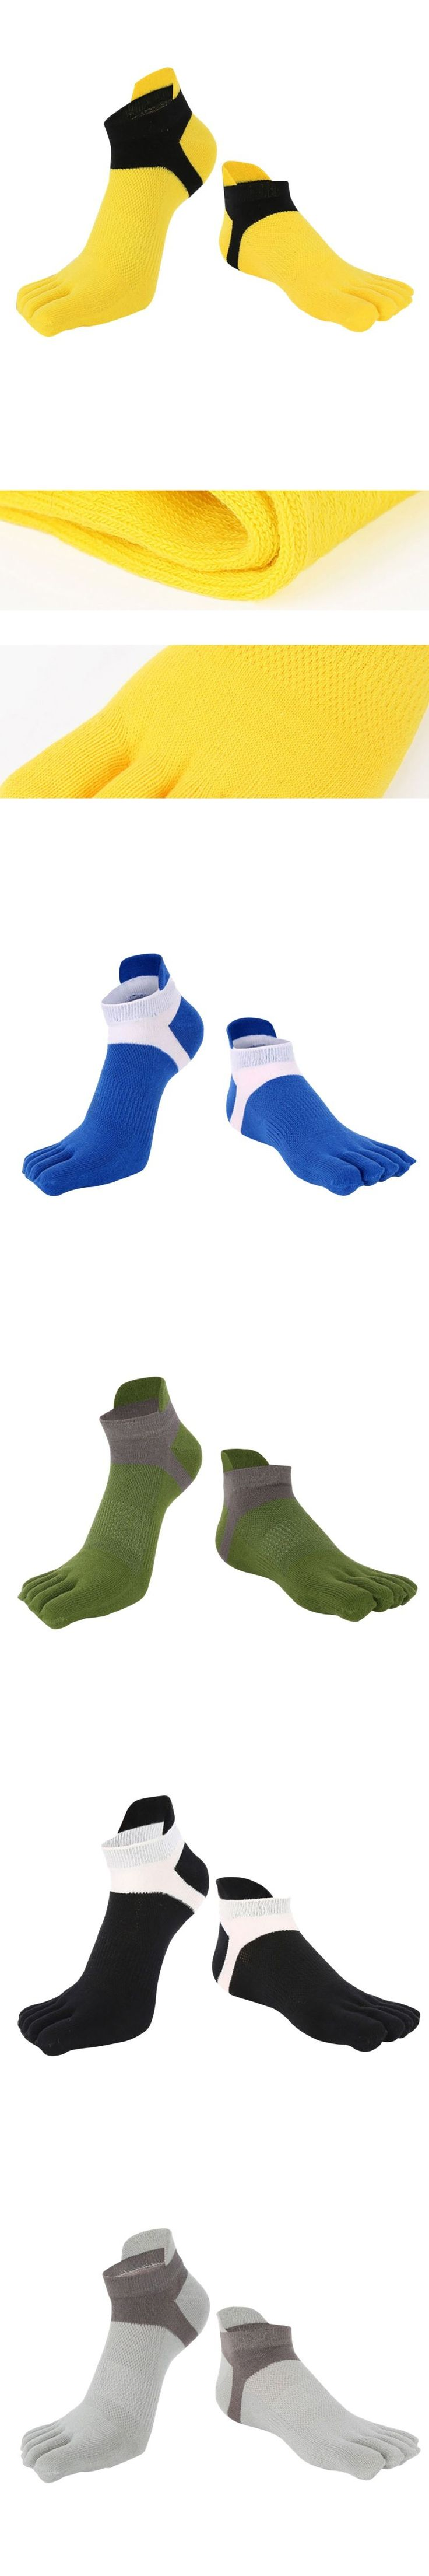 Five Finger Toe Socks For Men's Cotton  Deportes Short Tube Mesh Finger Meias Polyester Sock Correr Elasticity Sock